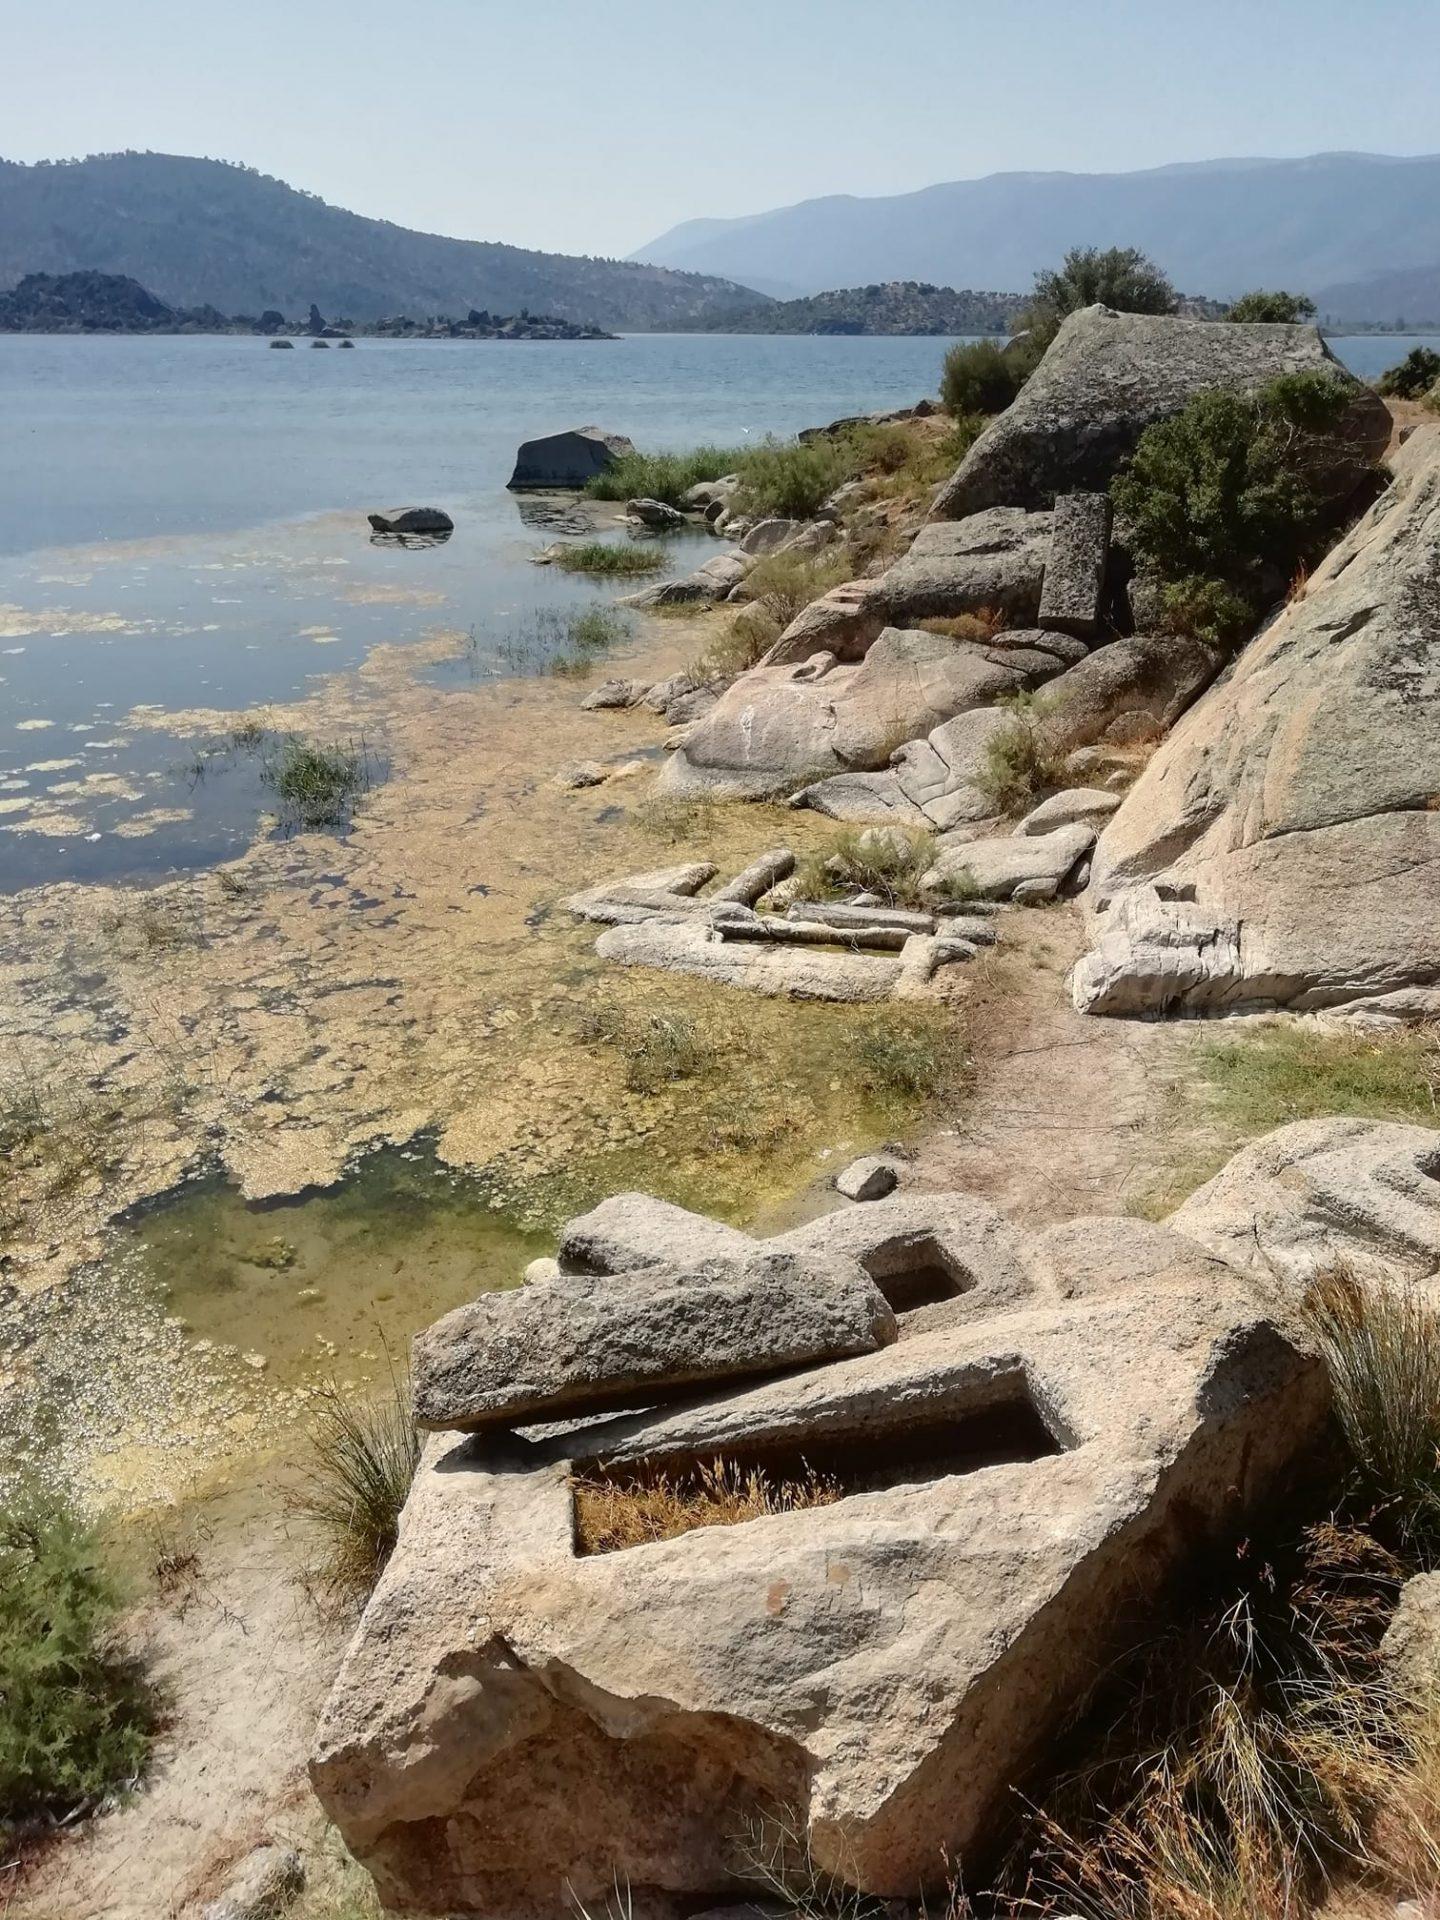 La nécropole d'Héraclée, cité carienne du Ve siècle av. JC, lentement submergée par les flots sales du lac de Bafa en Turquie. Photo Vincent Petit